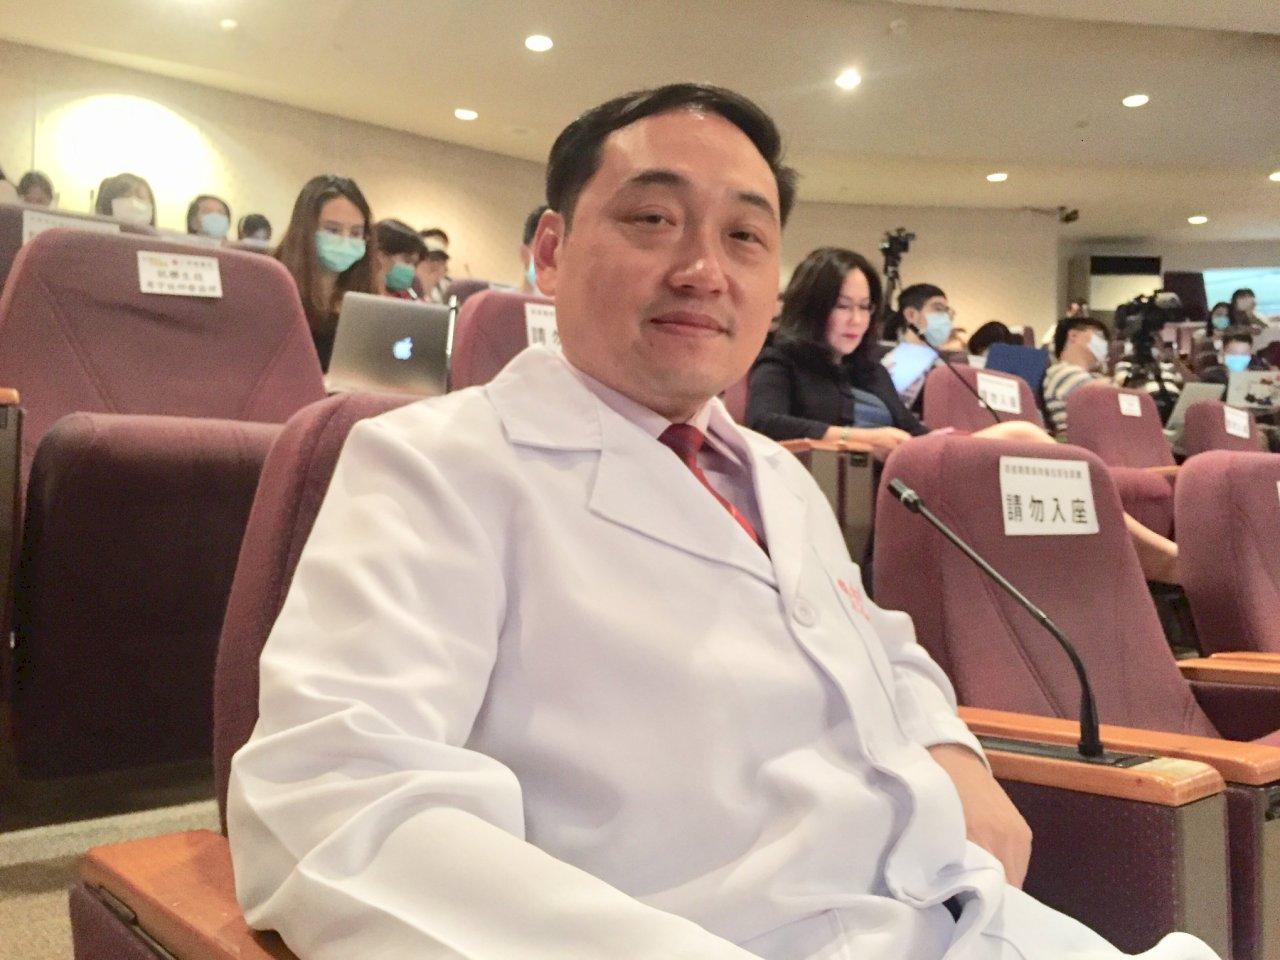 自體細胞獲准可治療困難傷口 台灣冠亞太之先